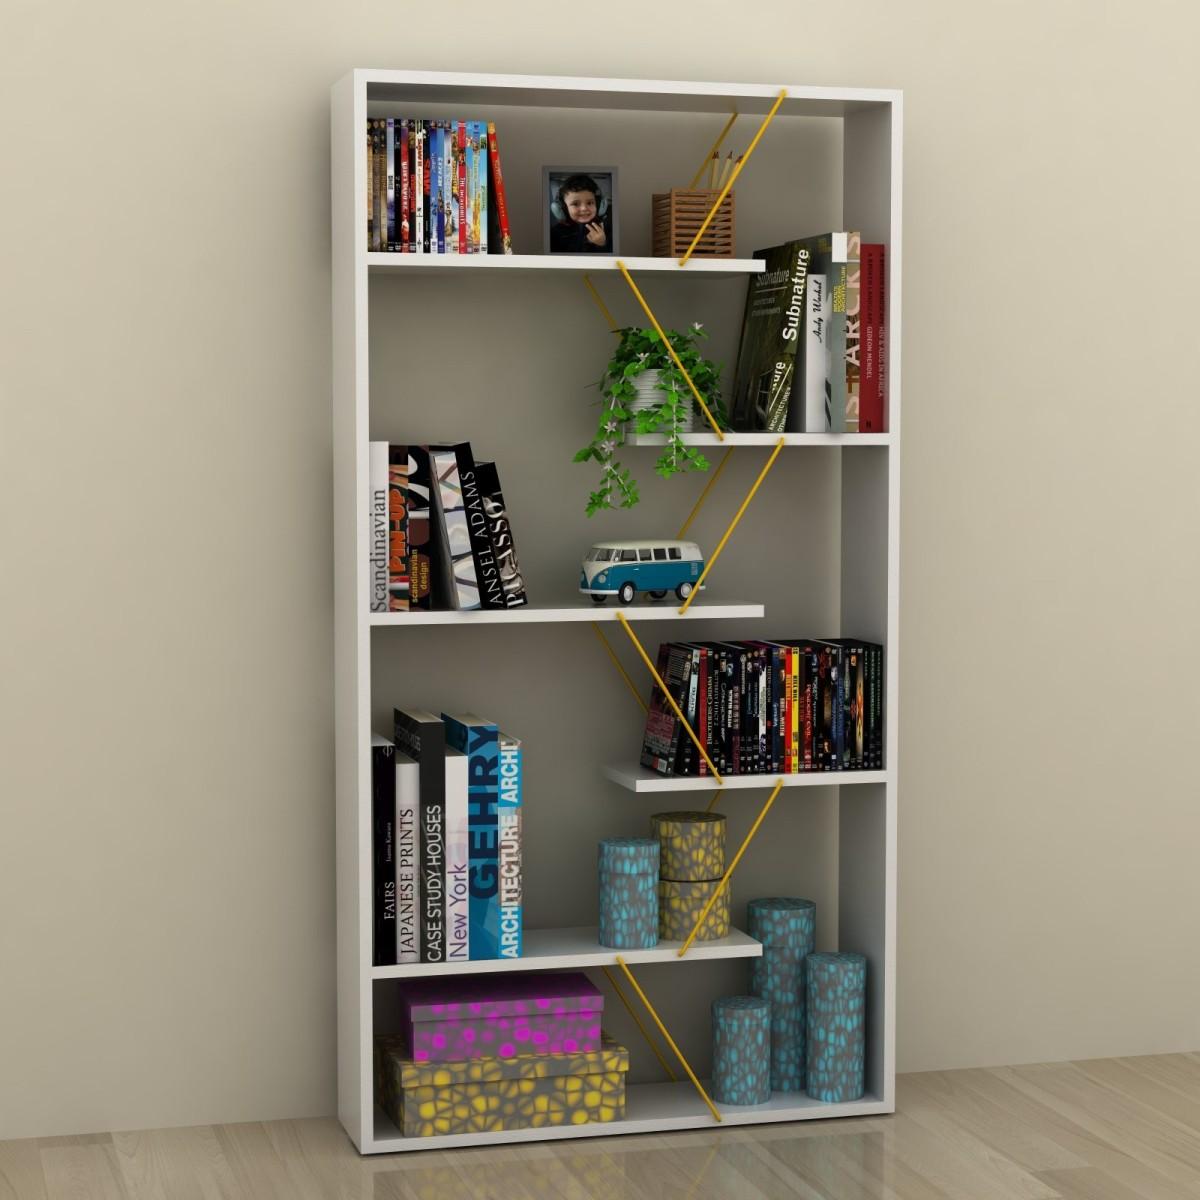 Wilmark libreria divisoria autoportante in legno e metallo for Libreria divisoria con porta